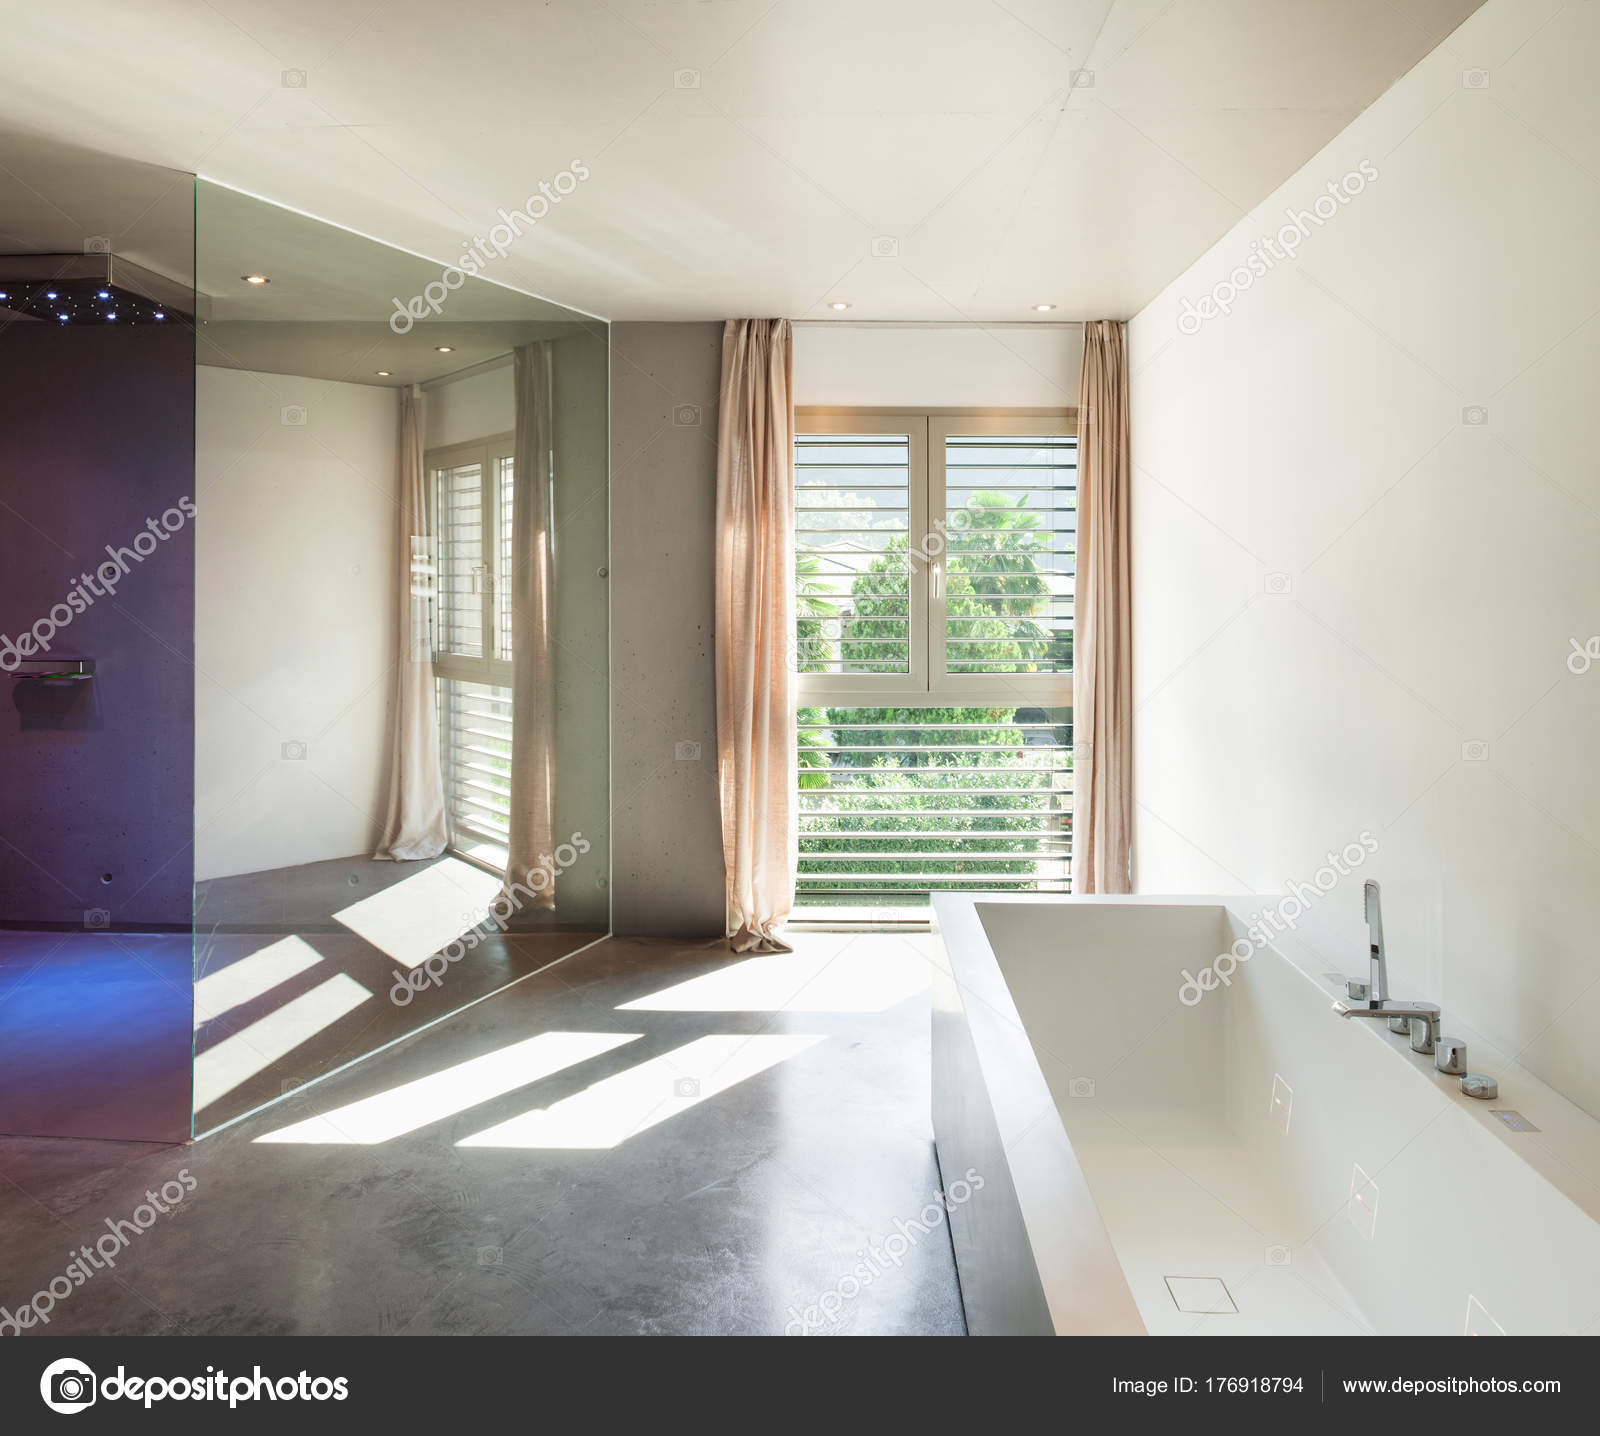 Modernes Haus, Interieur, Badezimmer — Stockfoto © Zveiger #176918794